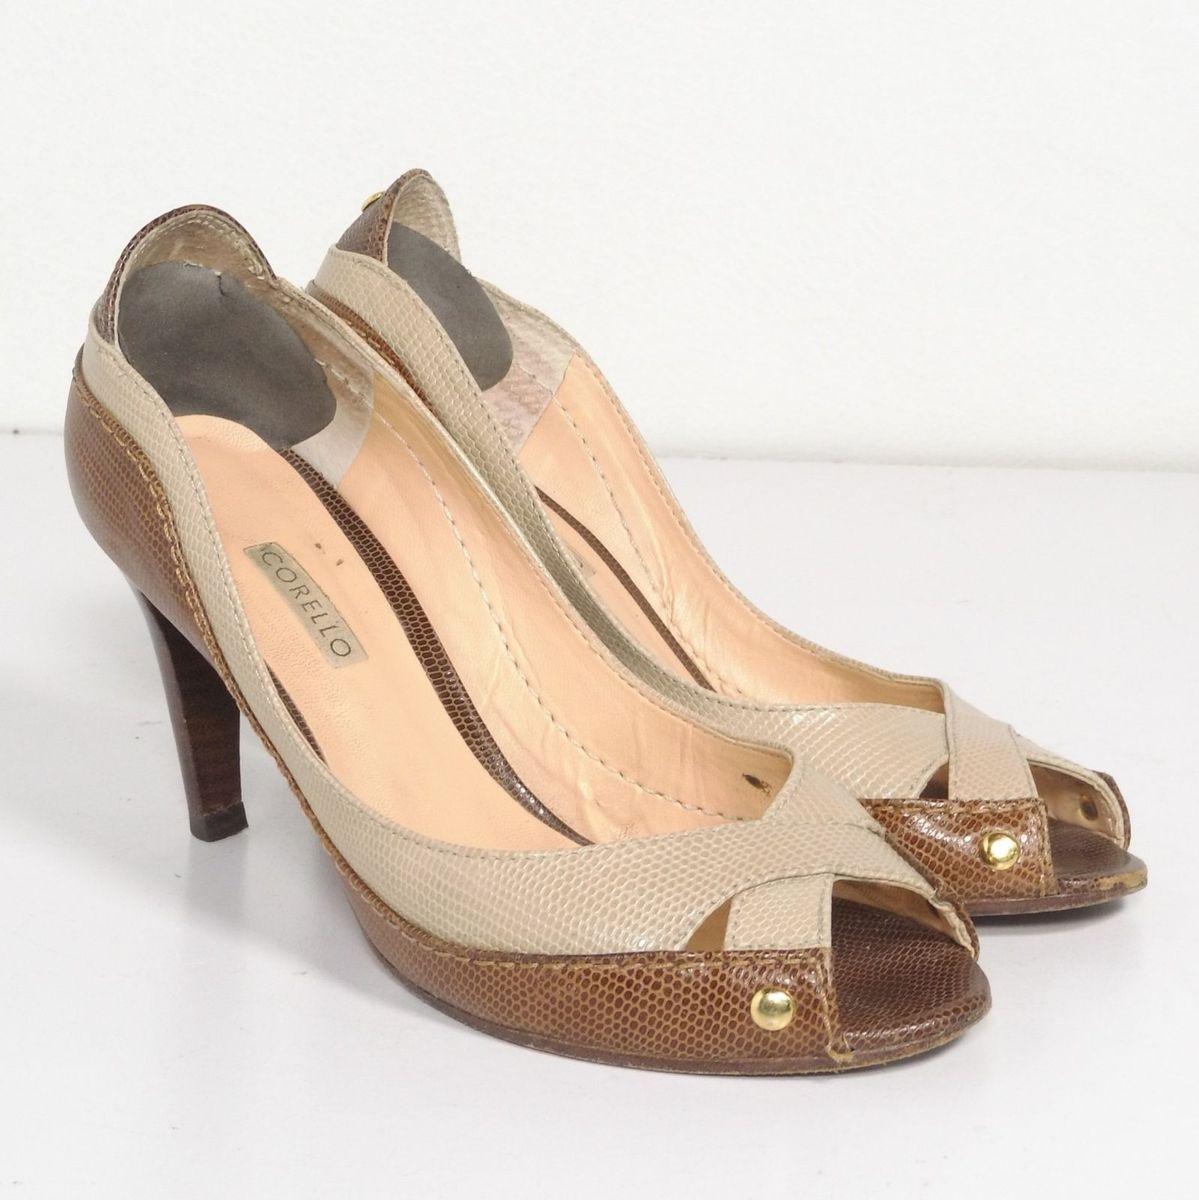 bbaf26457 ... marrom com nude corello - sapatos corello.  Czm6ly9wag90b3muzw5qb2vplmnvbs5ici9wcm9kdwn0cy83mzk0mtqxlzawntdkngu2ywe4nguxndu3ntvjodk3owuzowi0njgzlmpwzw